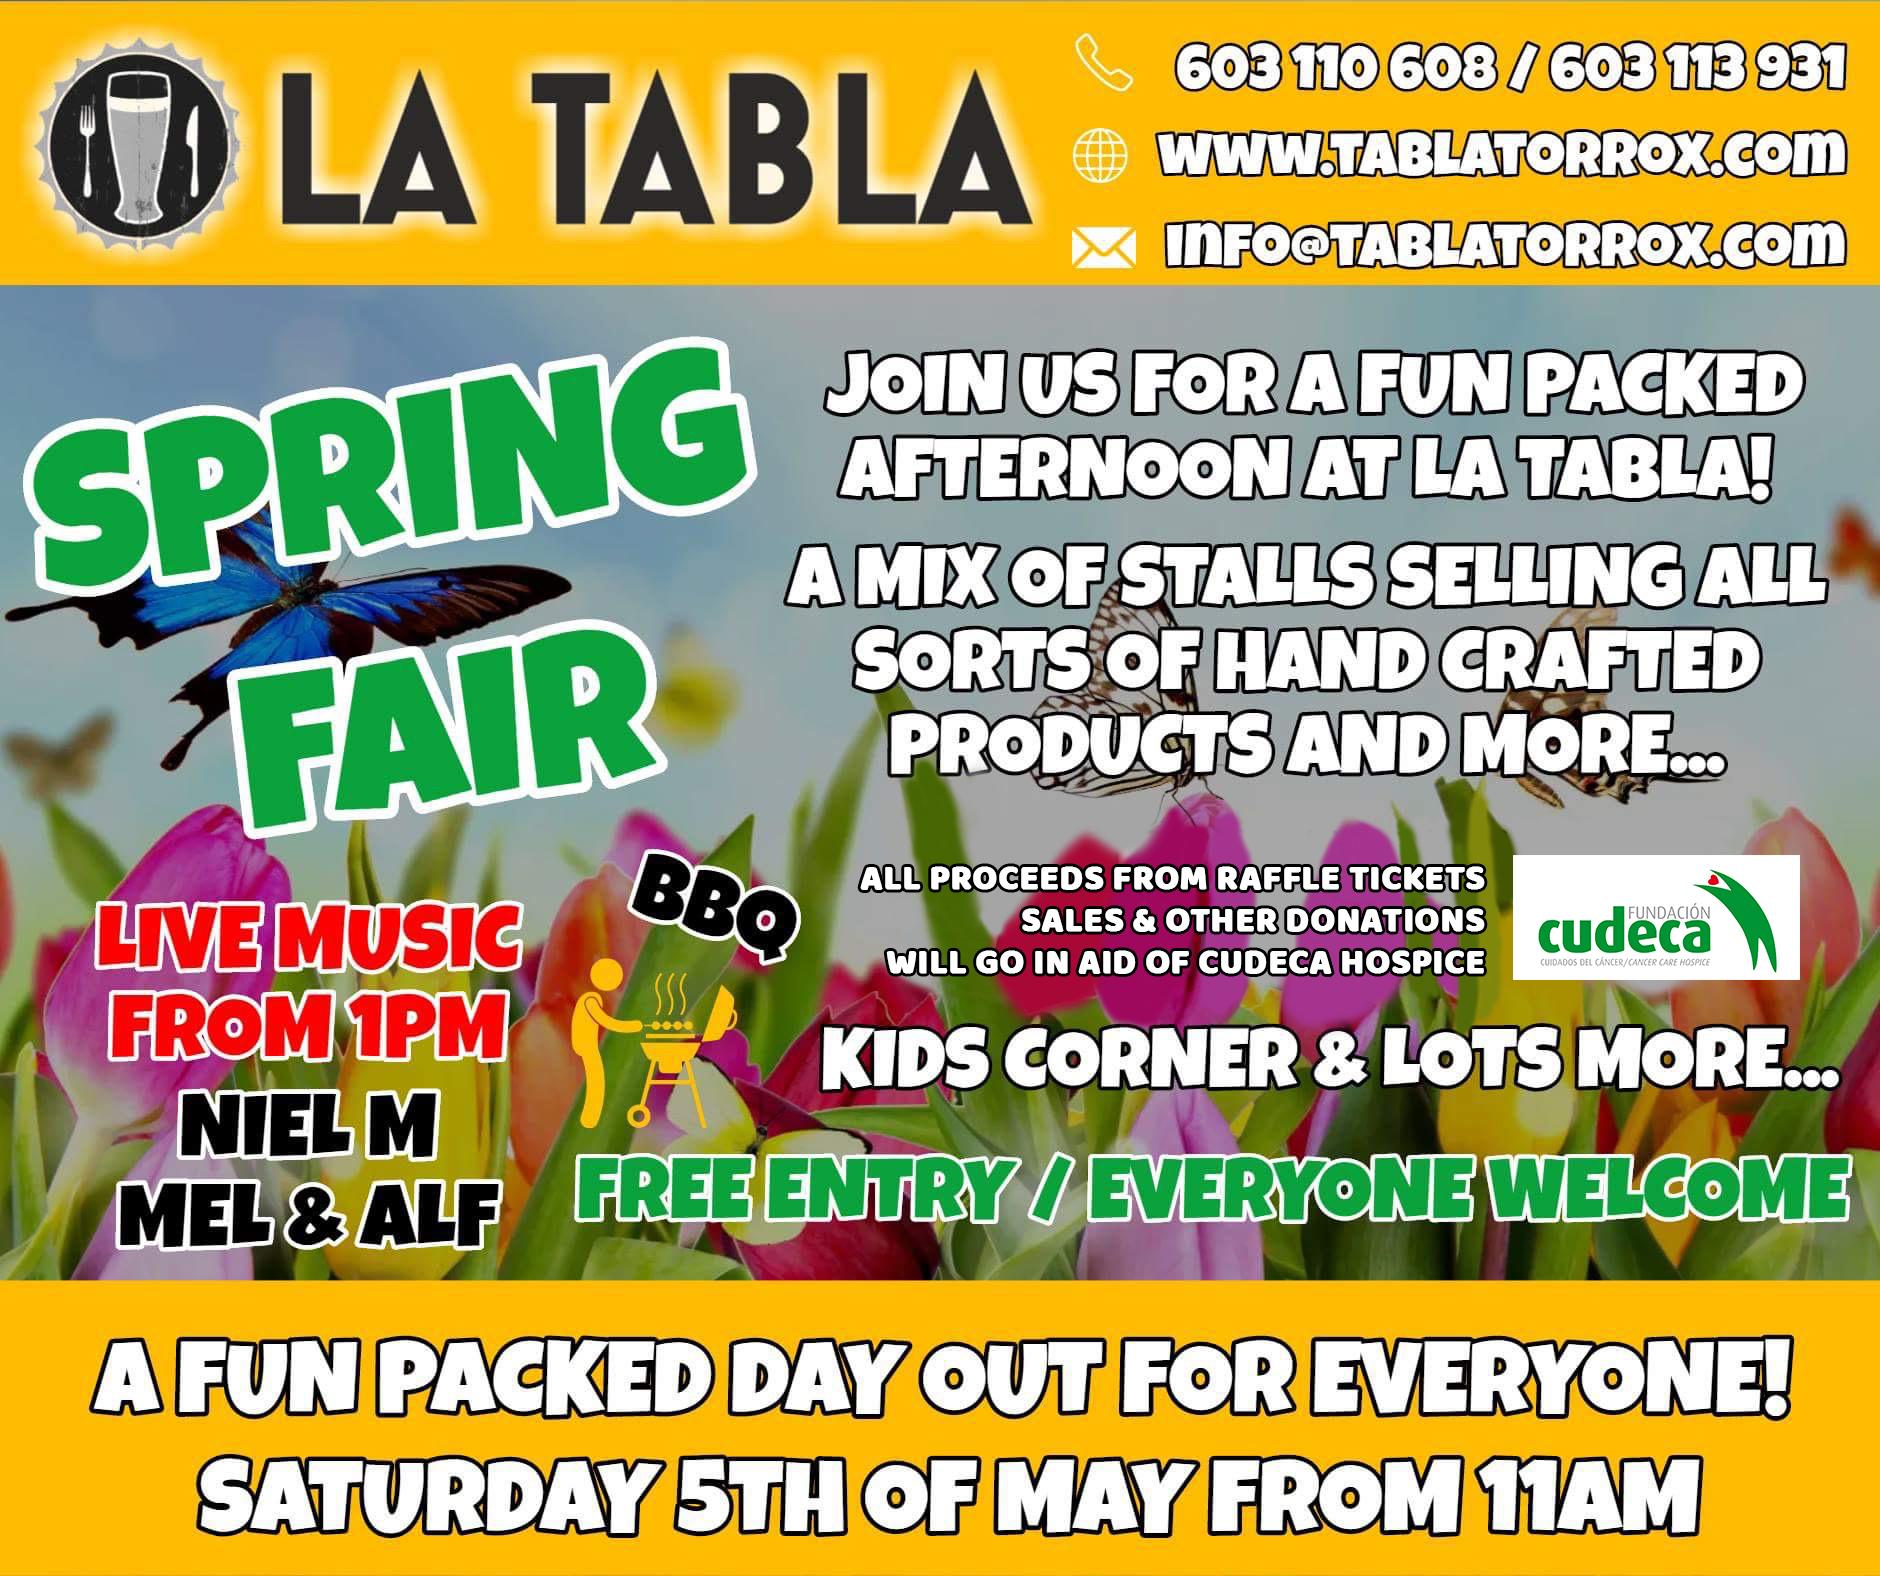 Spring Fair in La Tabla – Torrox